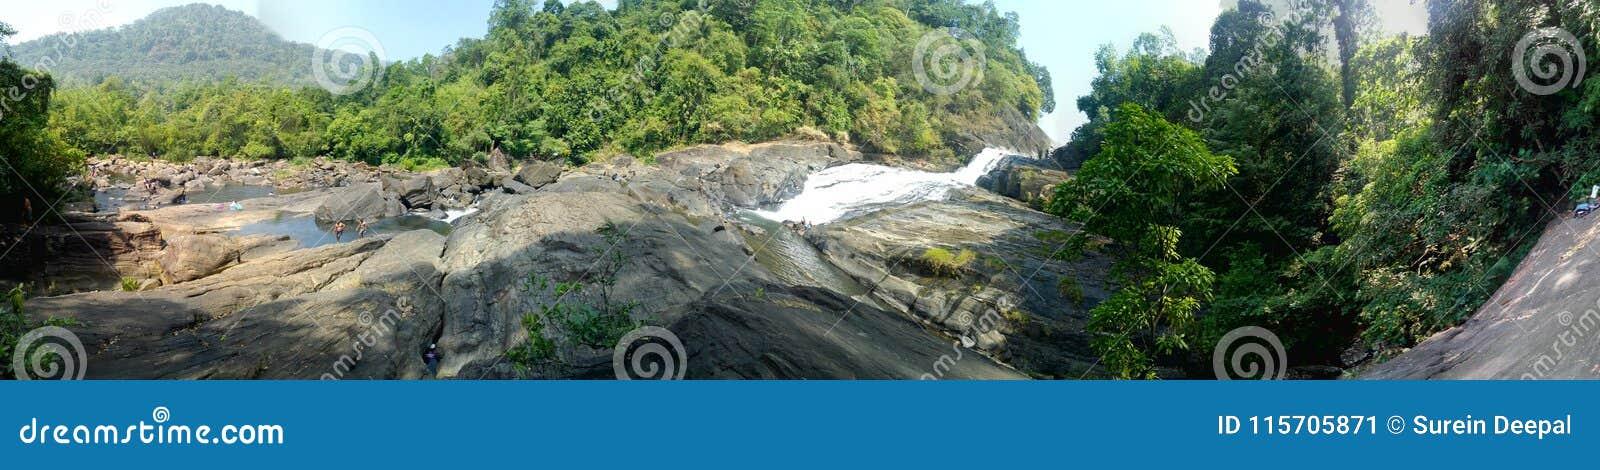 Bopathella in kuruwita Sri Lanka